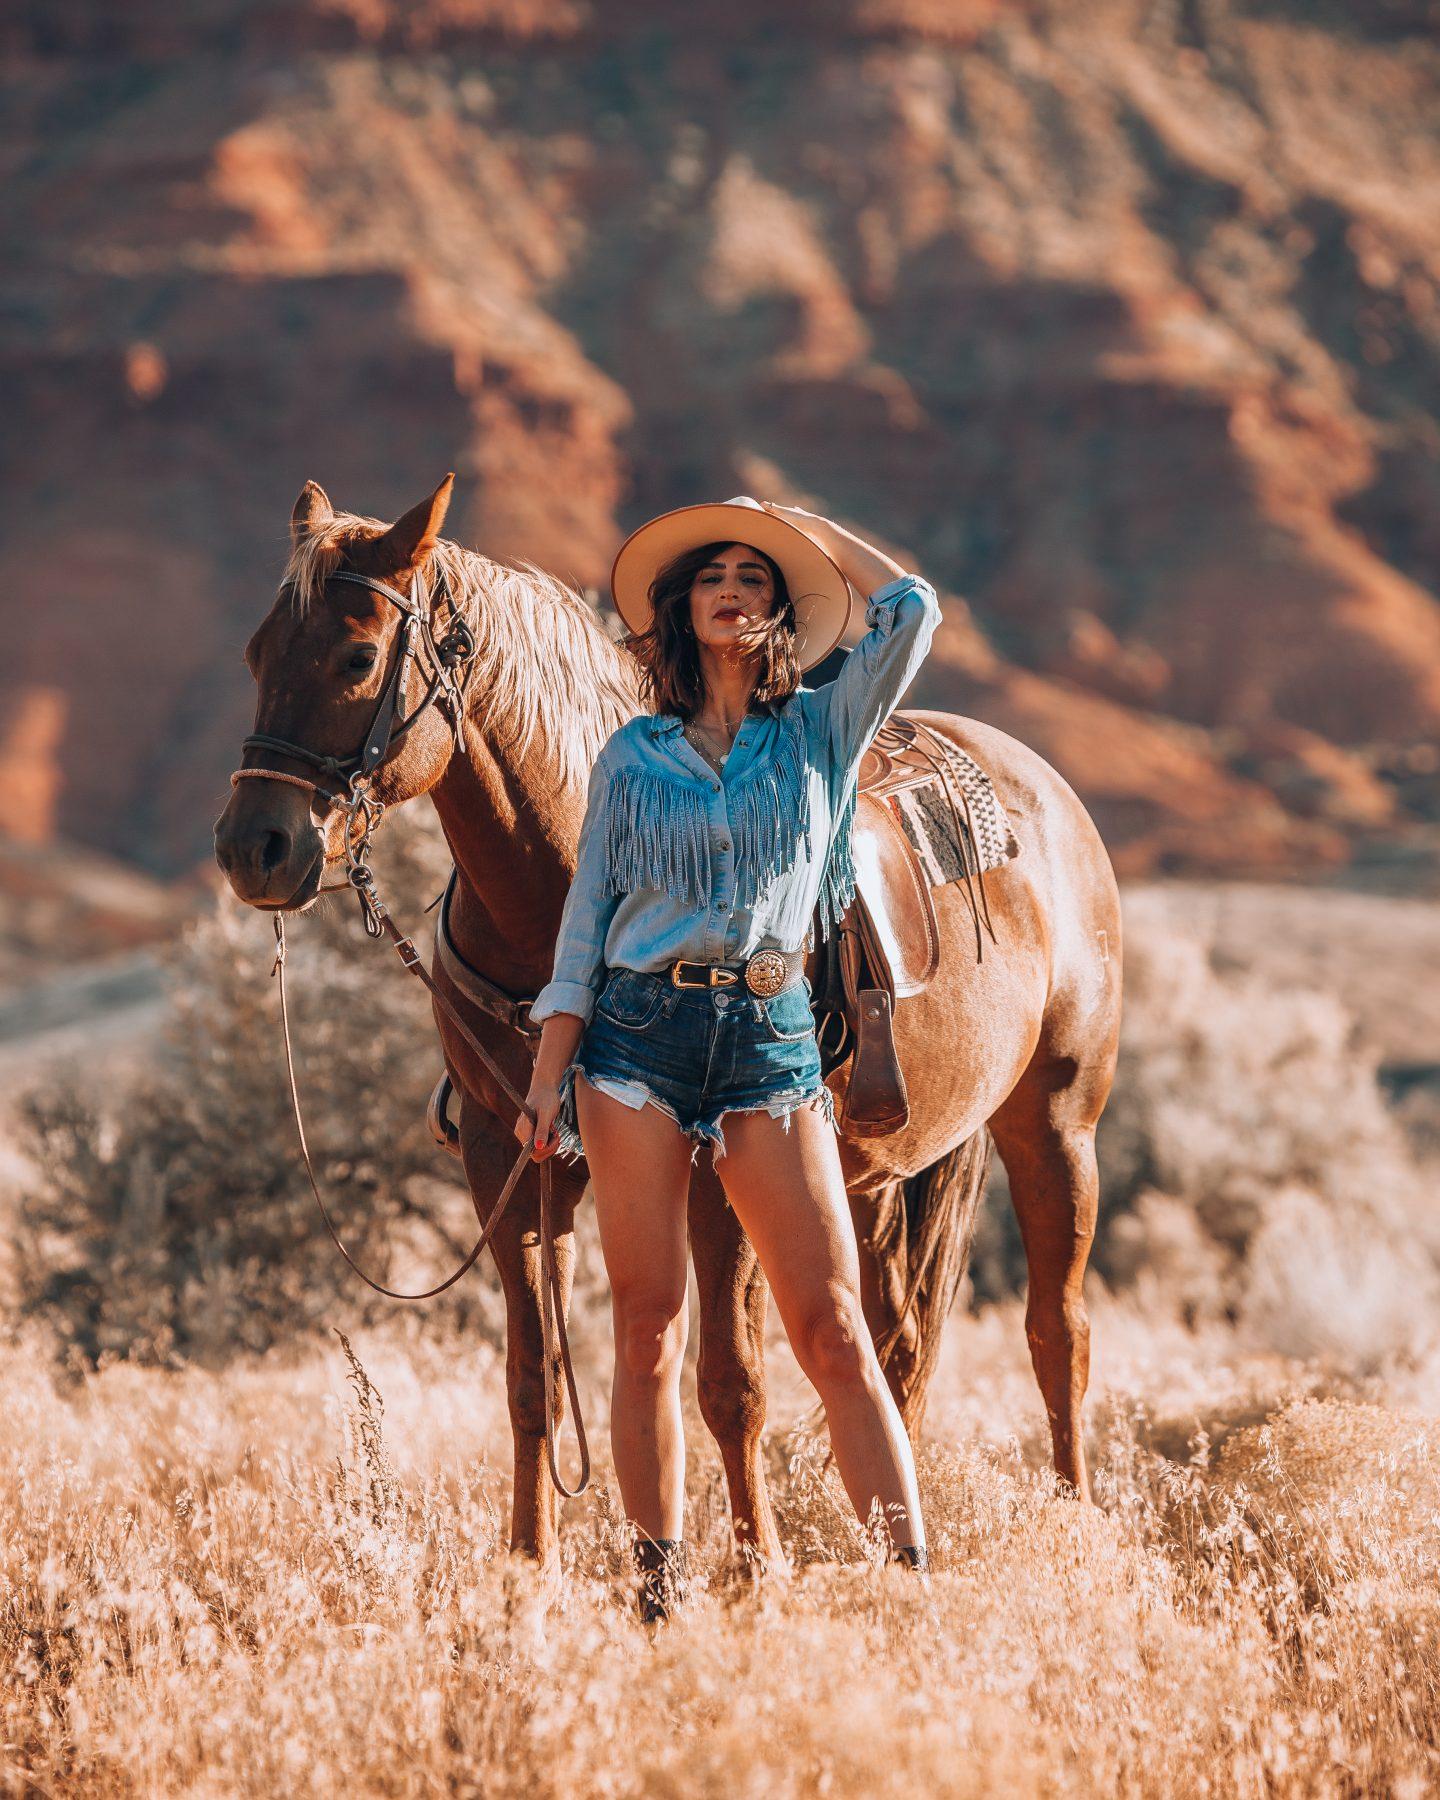 Photoshoot in Moab, Utah while on a sunset horseback ride